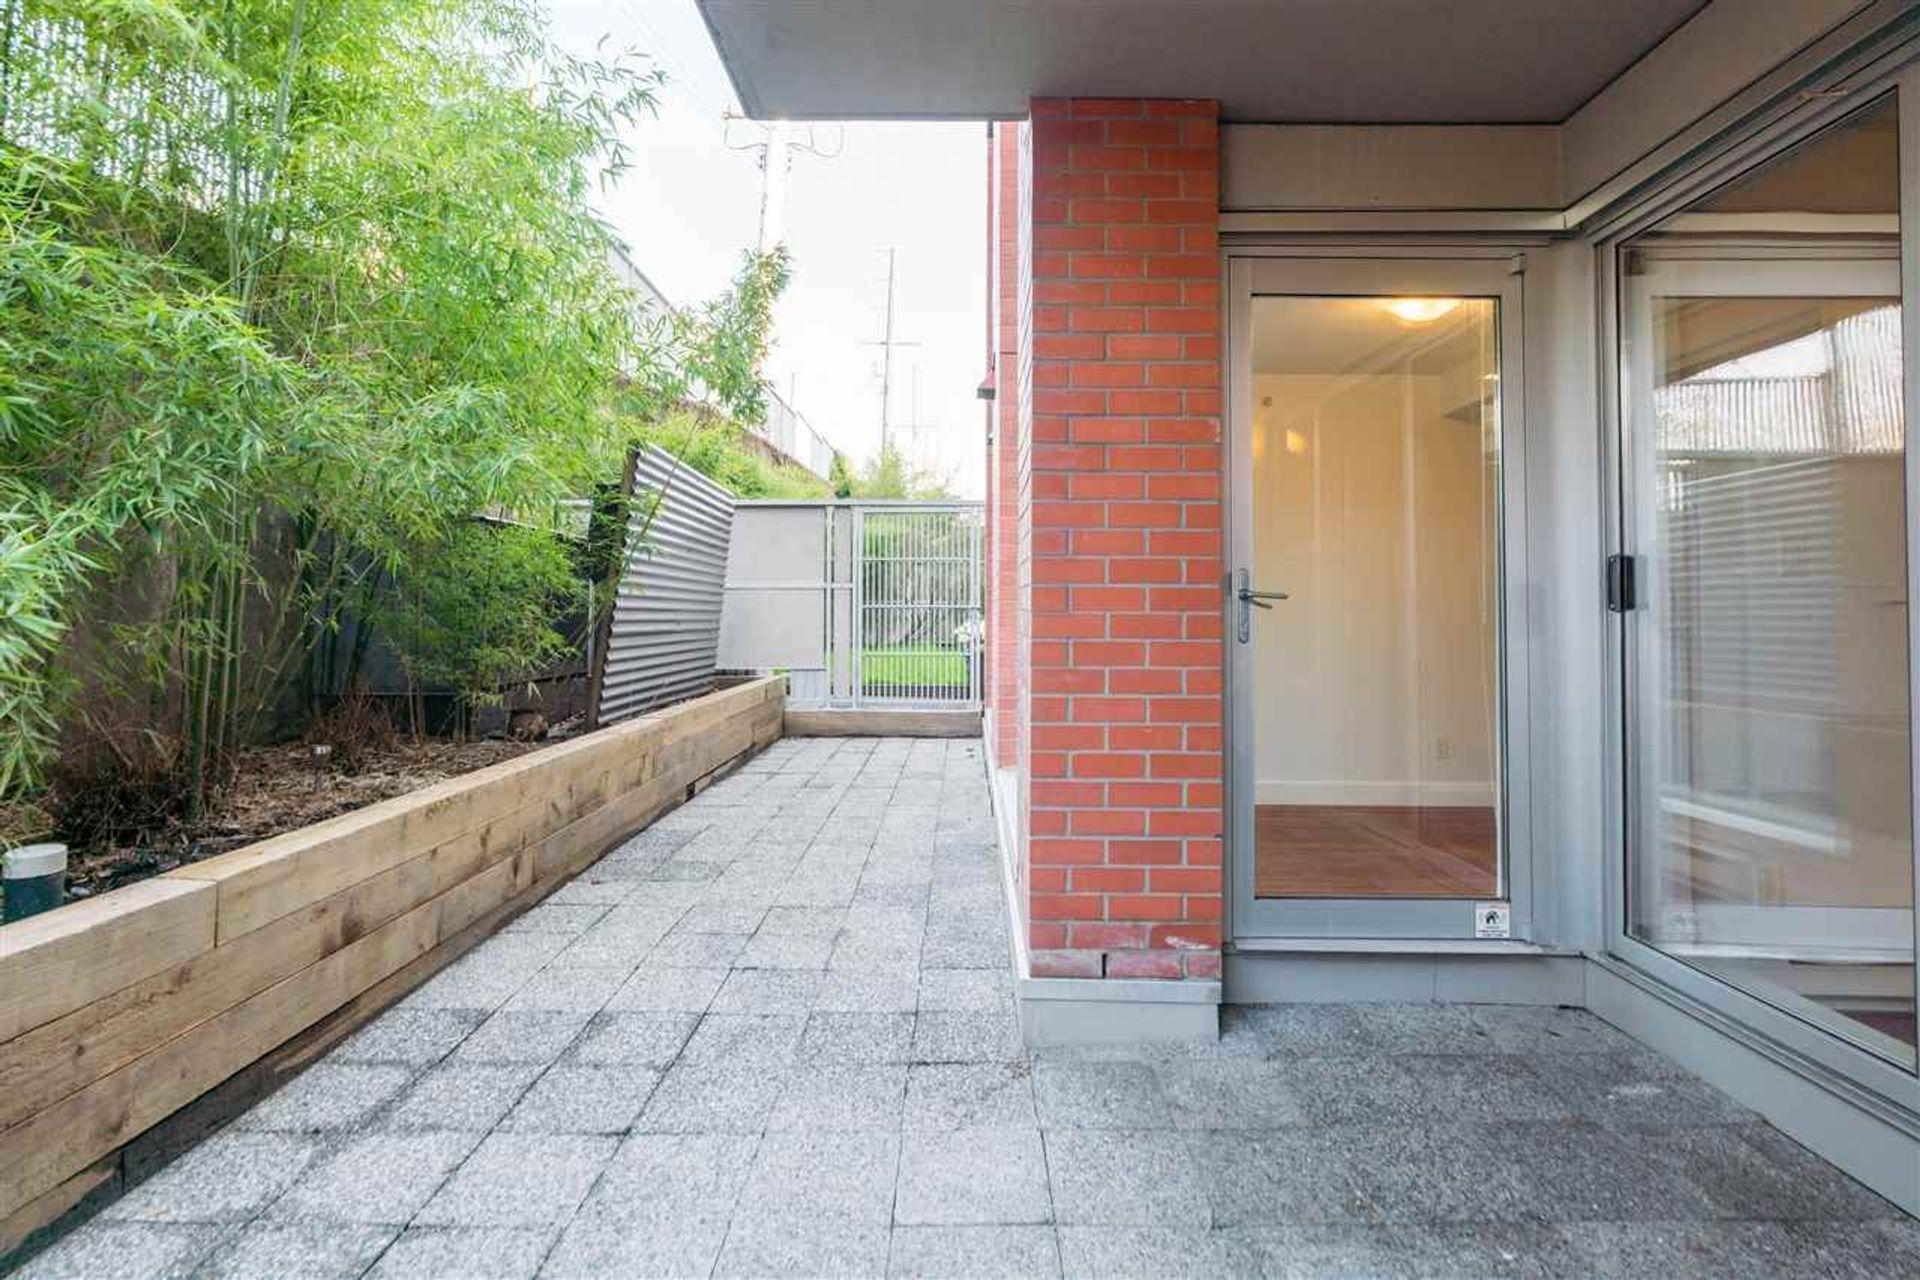 3811-hastings-street-vancouver-heights-burnaby-north-34 at 103 - 3811 Hastings Street, Vancouver Heights, Burnaby North